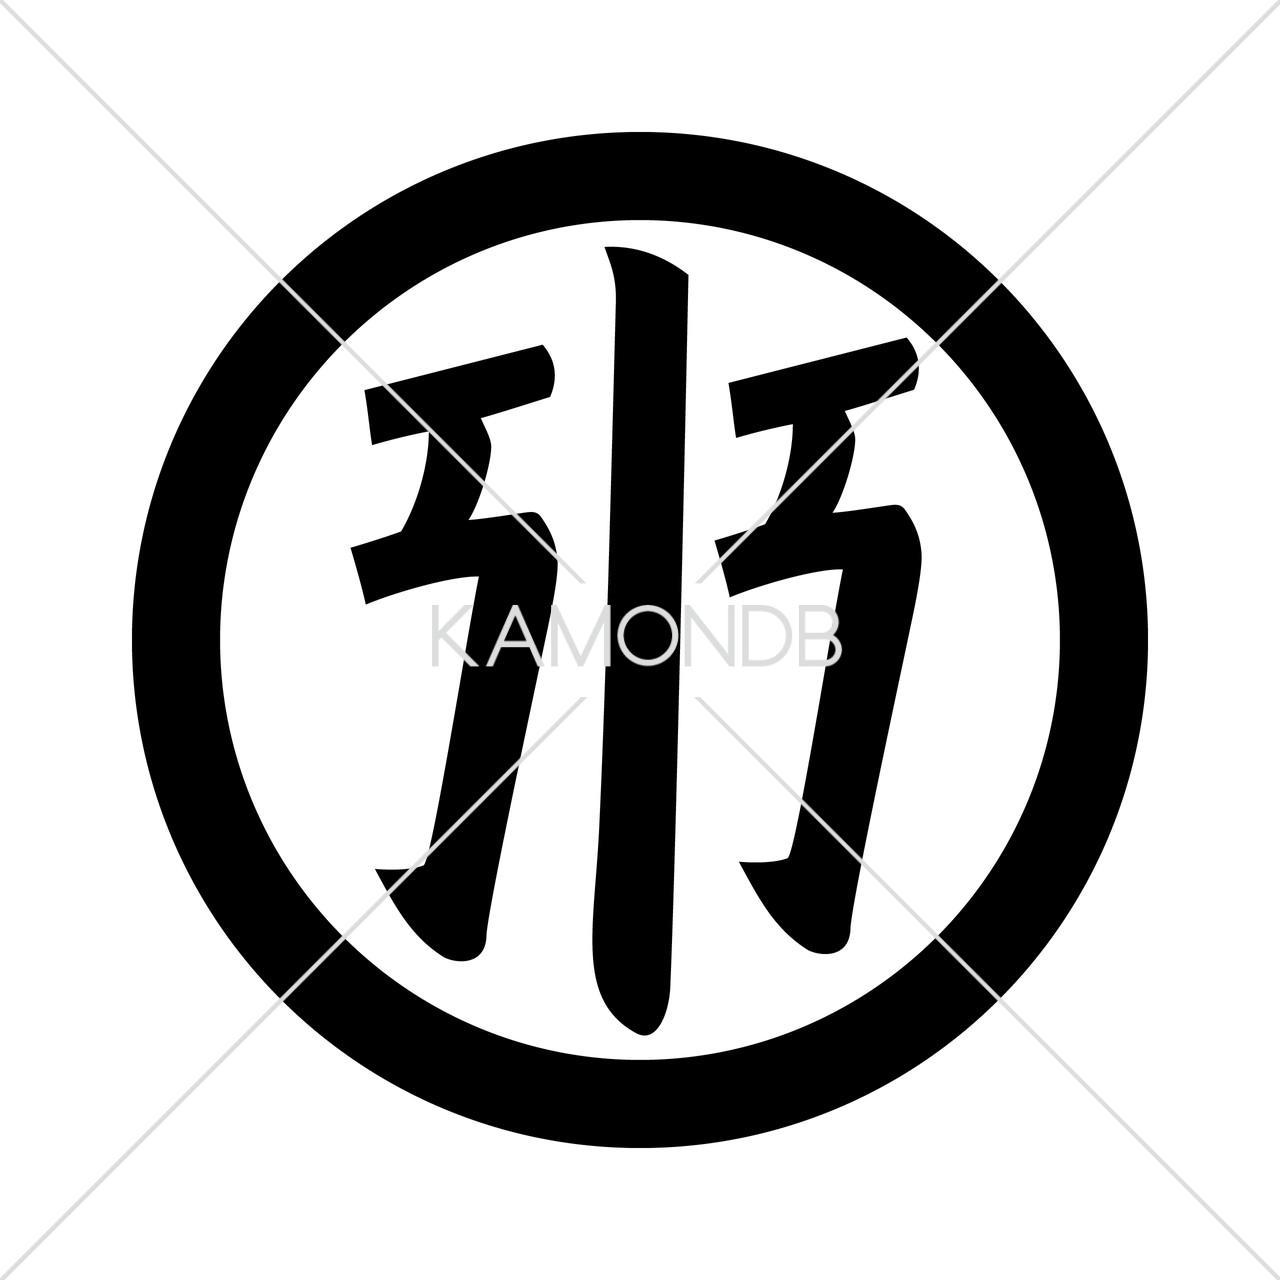 丸に二つ弓の字(2)